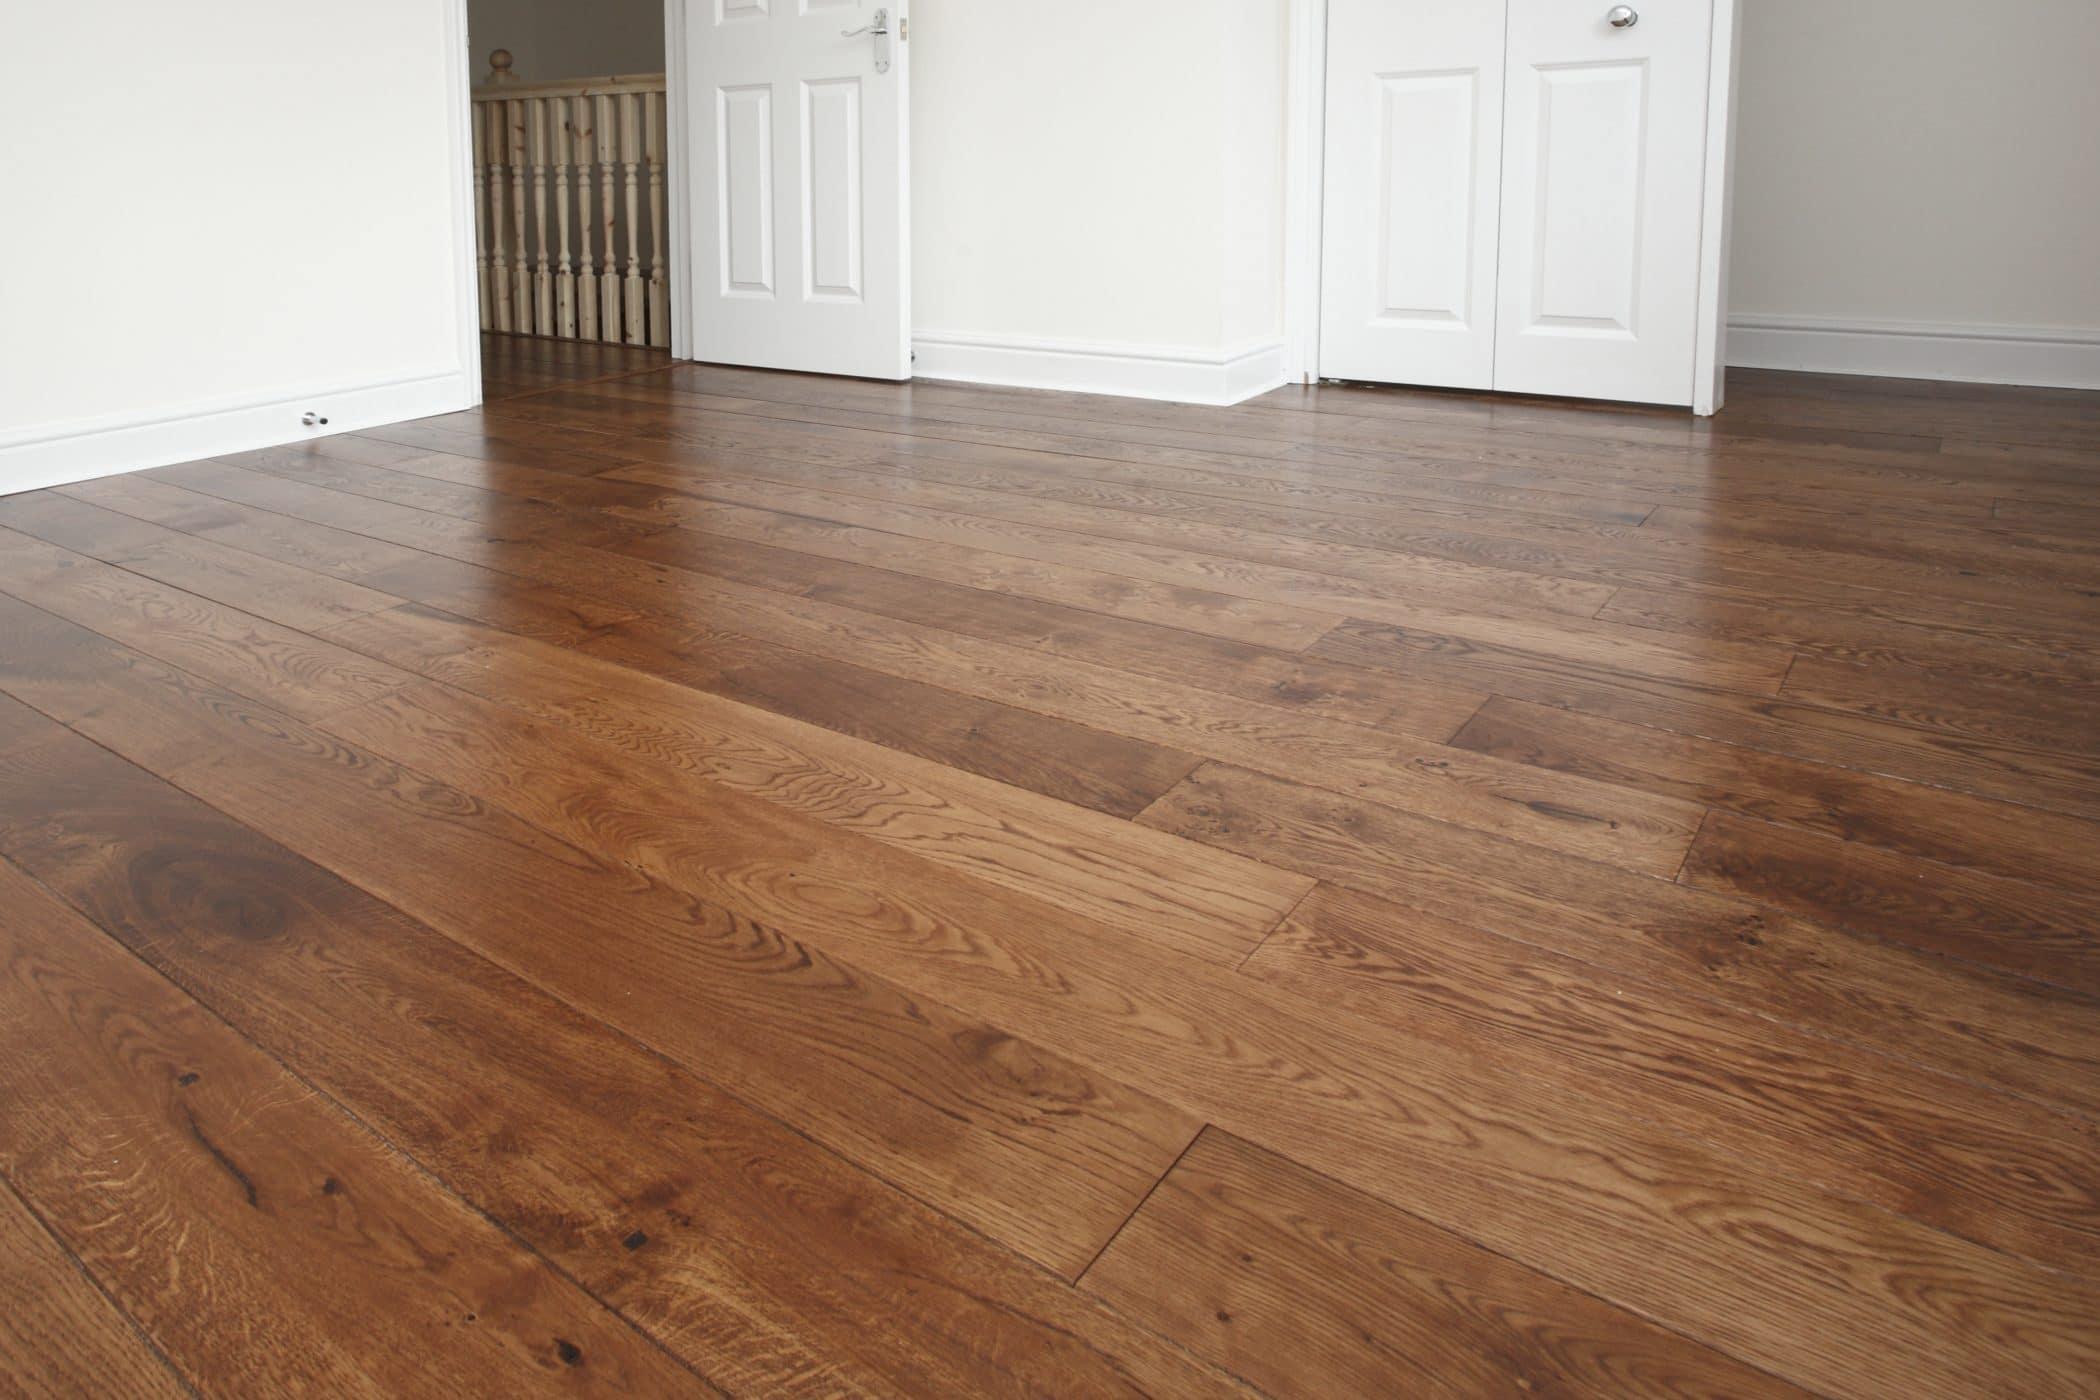 Wood Flooring Guildford Uk Wood Floors Amp Bespoke Joinery